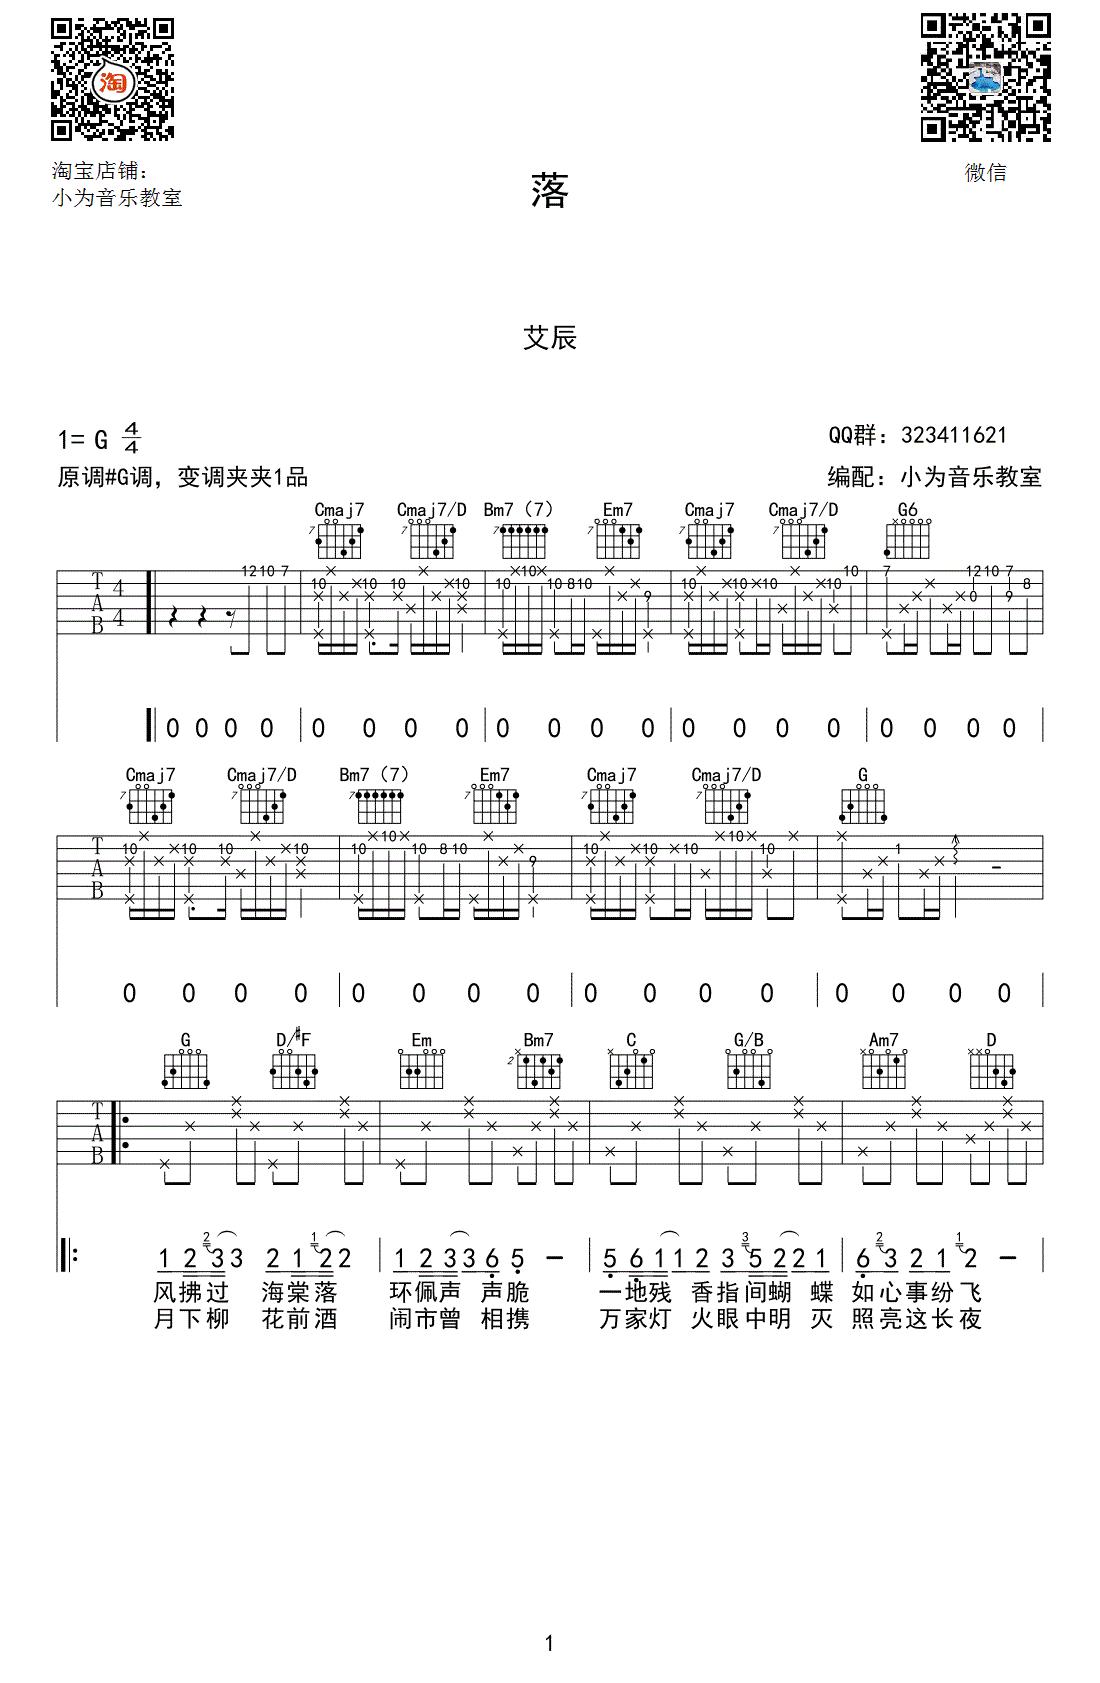 落吉他谱_艾辰_G调原版编配_高清图片谱-吉他谱-C大调音乐网